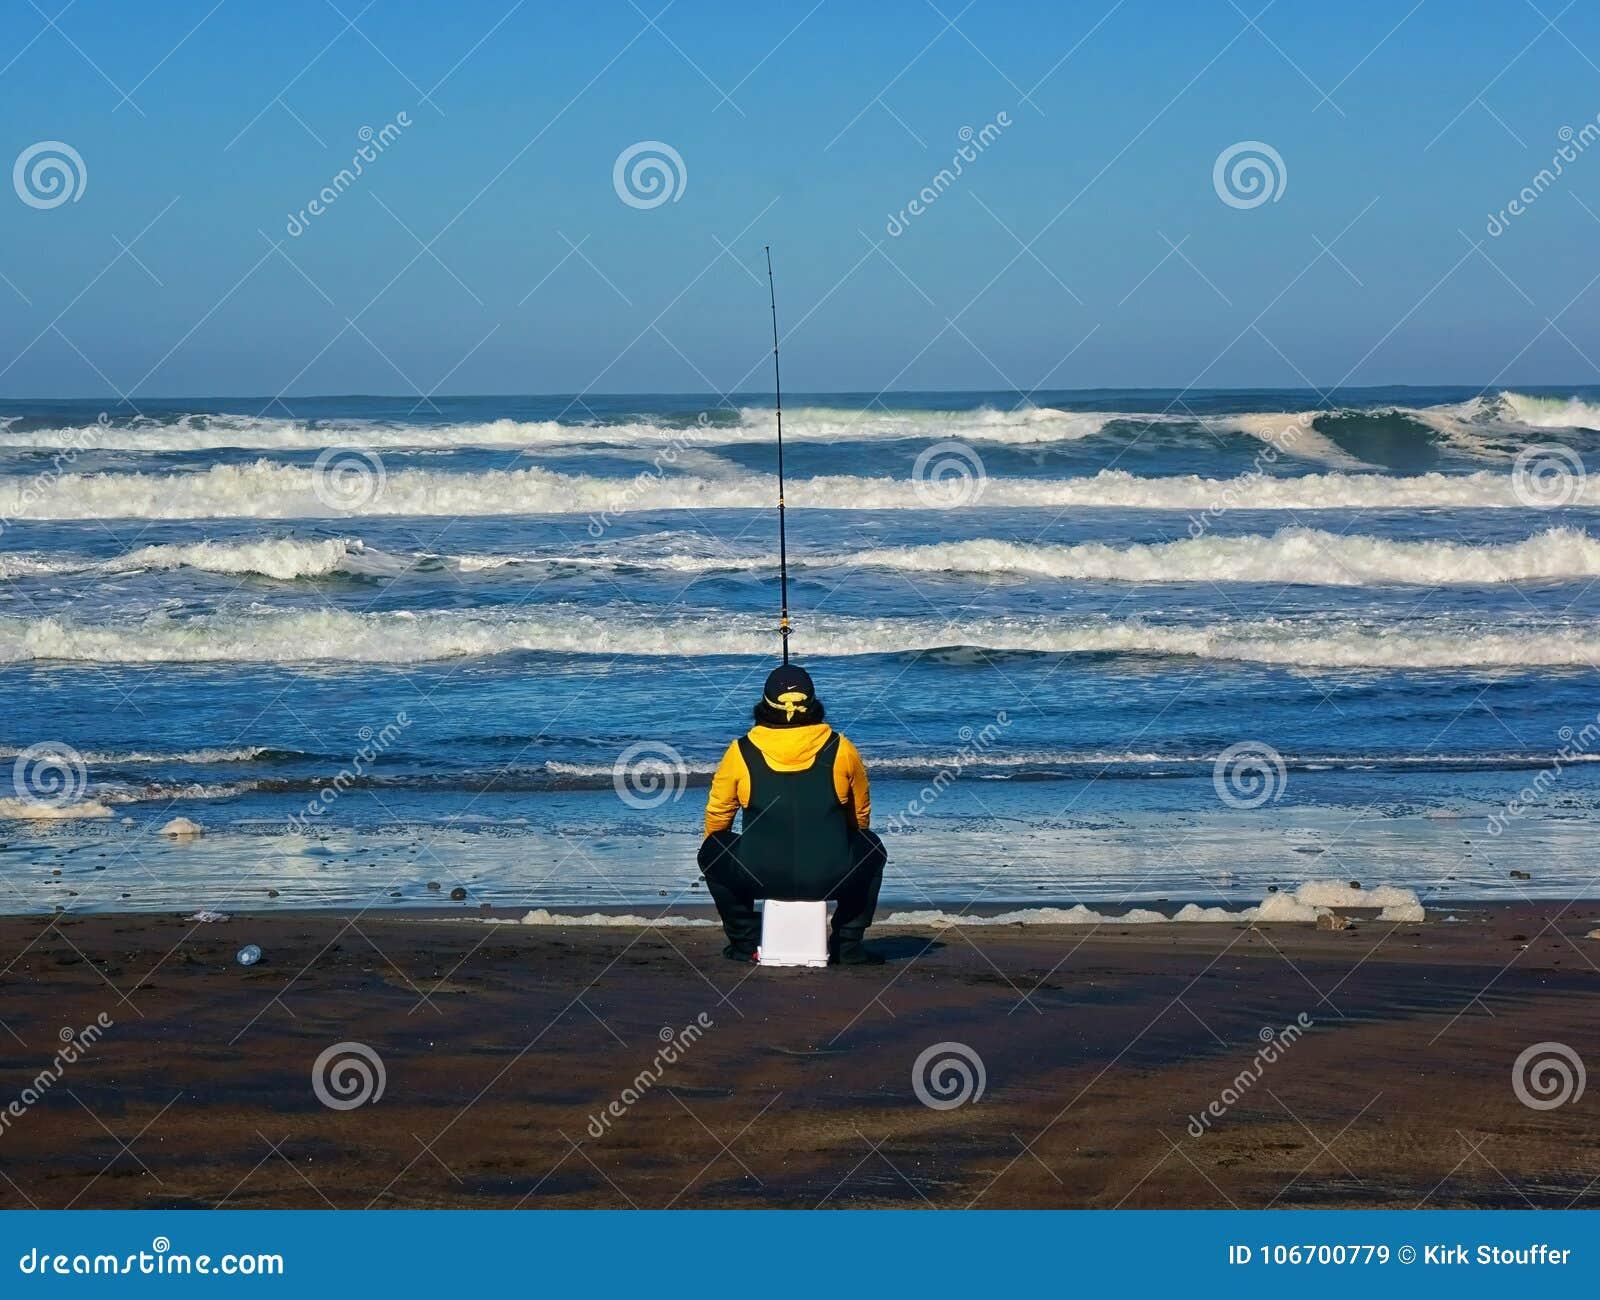 Μάγκα στην ωκεάνια παραλία στο Σαν Φρανσίσκο που κάνει κάποια κυματωγή που αλιεύει καθμένος σε μια άνω πλευρά - κάτω από τον κάδο